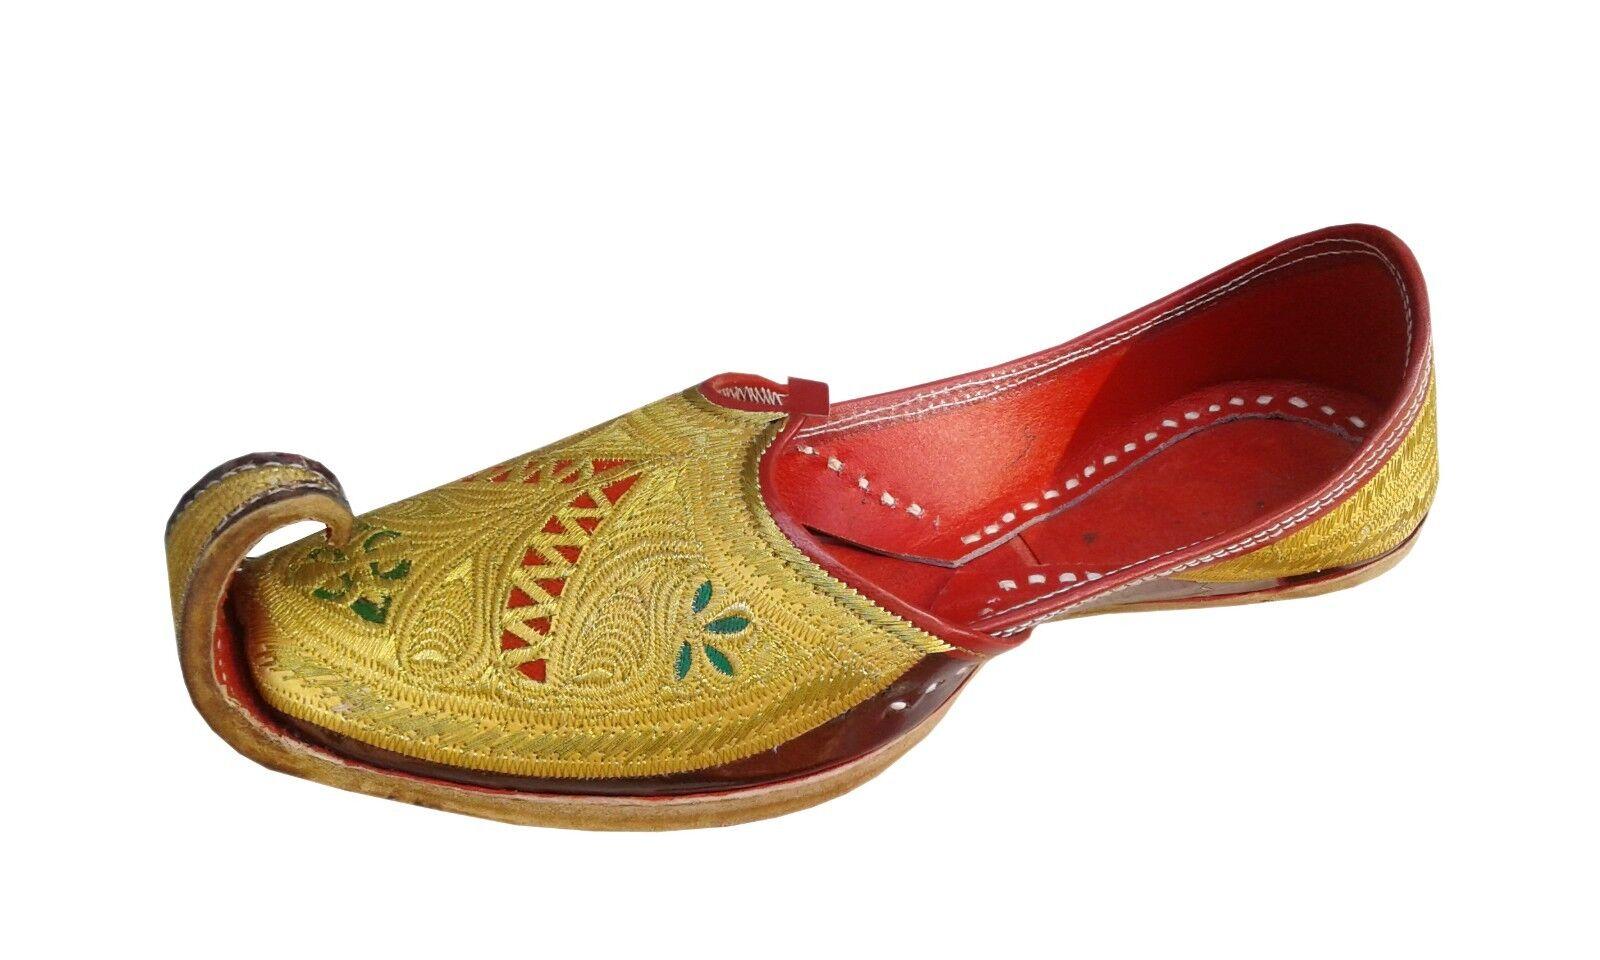 1c3b7347c3b ... Aladdin Shoes Leather Khussa shoes Handmade Gents Shoes sherwani  sherwani sherwani shoes US-10 399c4b ...